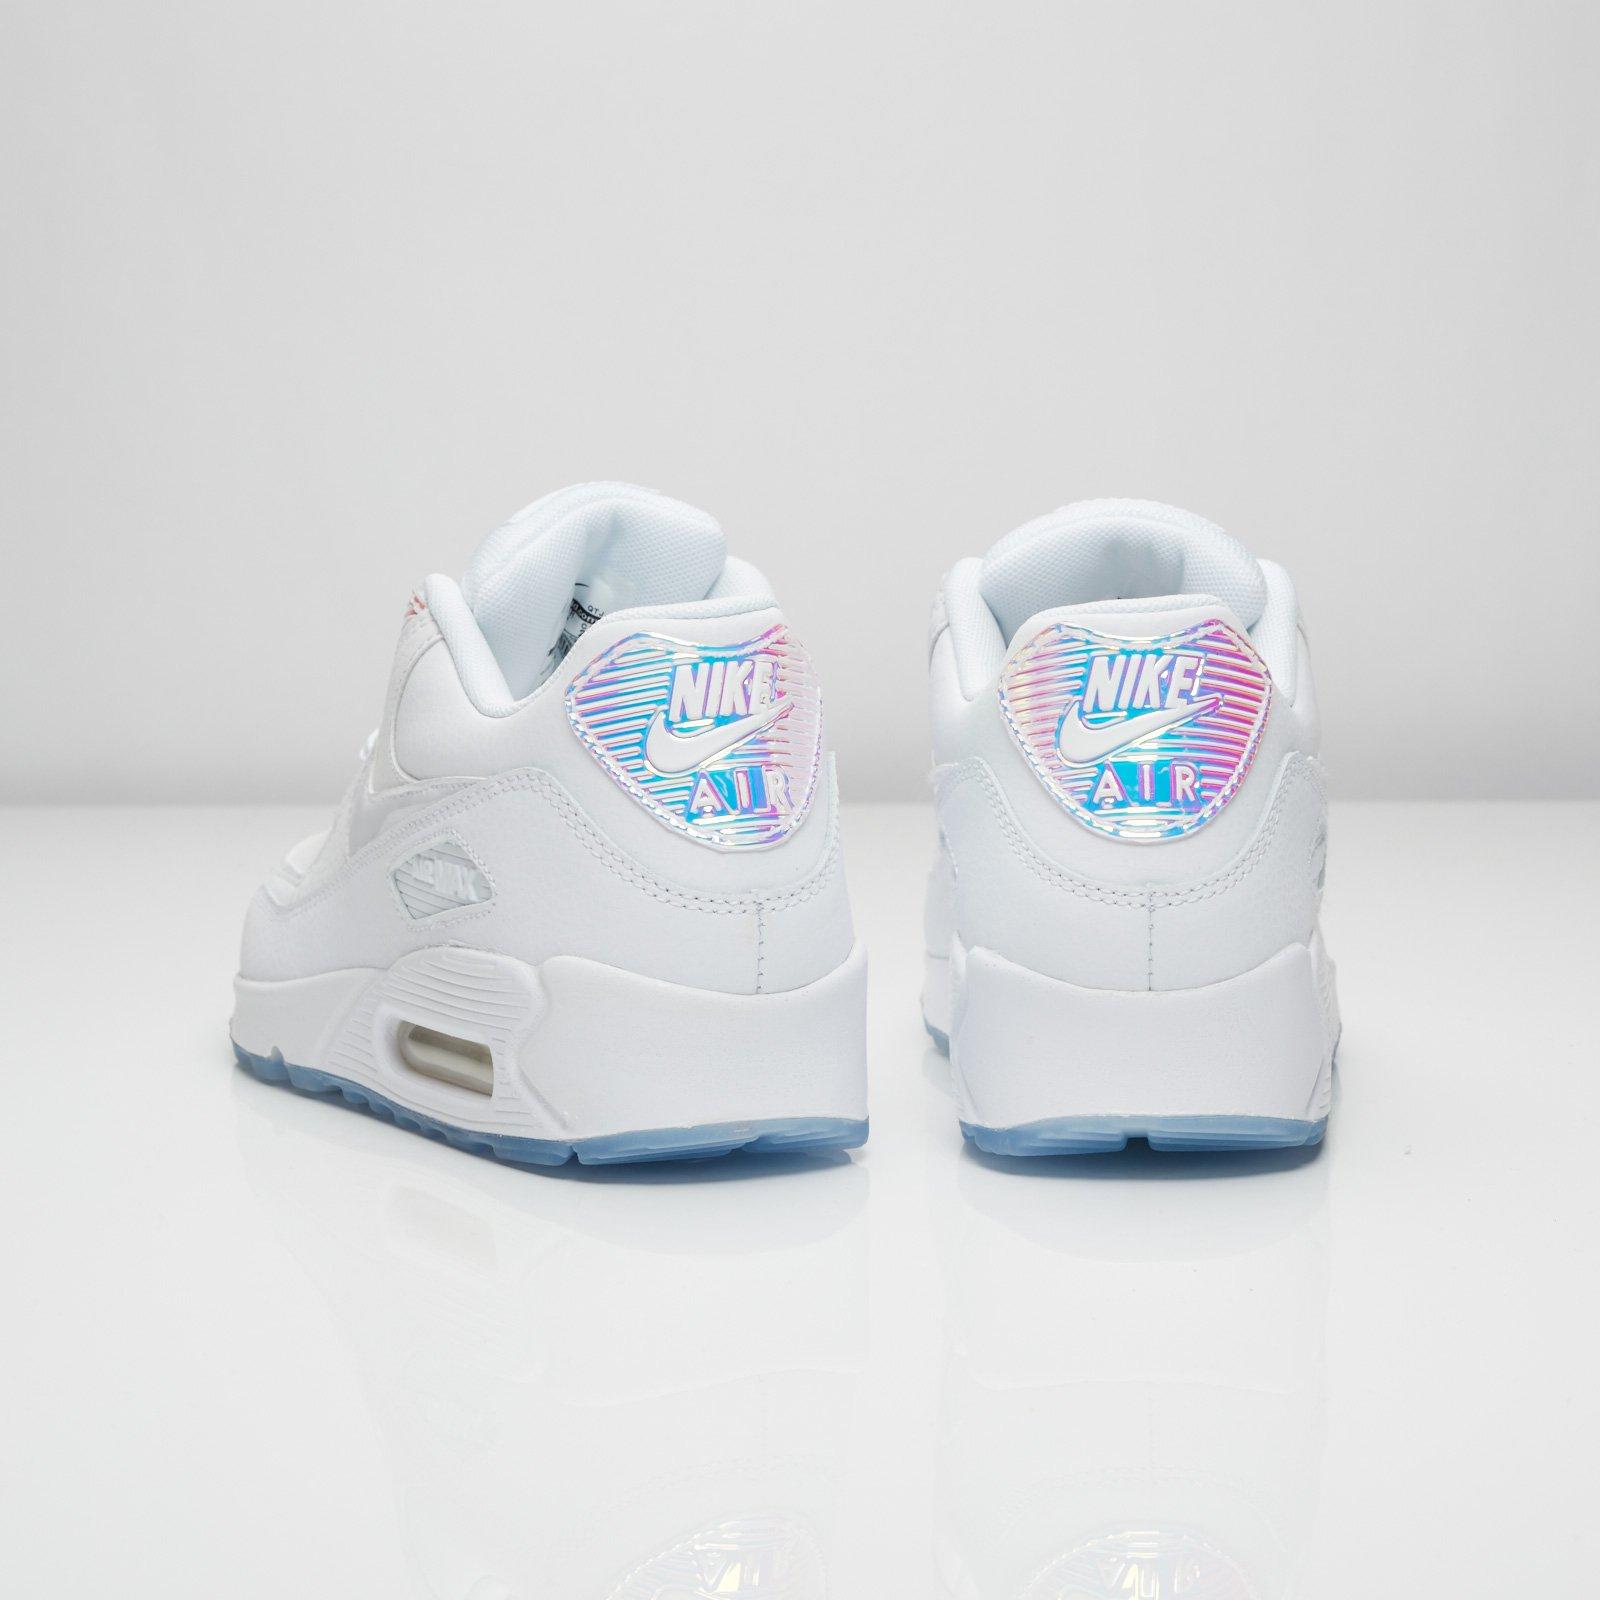 huge discount b4b18 905ef Nike Wmns Air Max 90 Premium - 443817-104 - Sneakersnstuff   sneakers    streetwear online since 1999